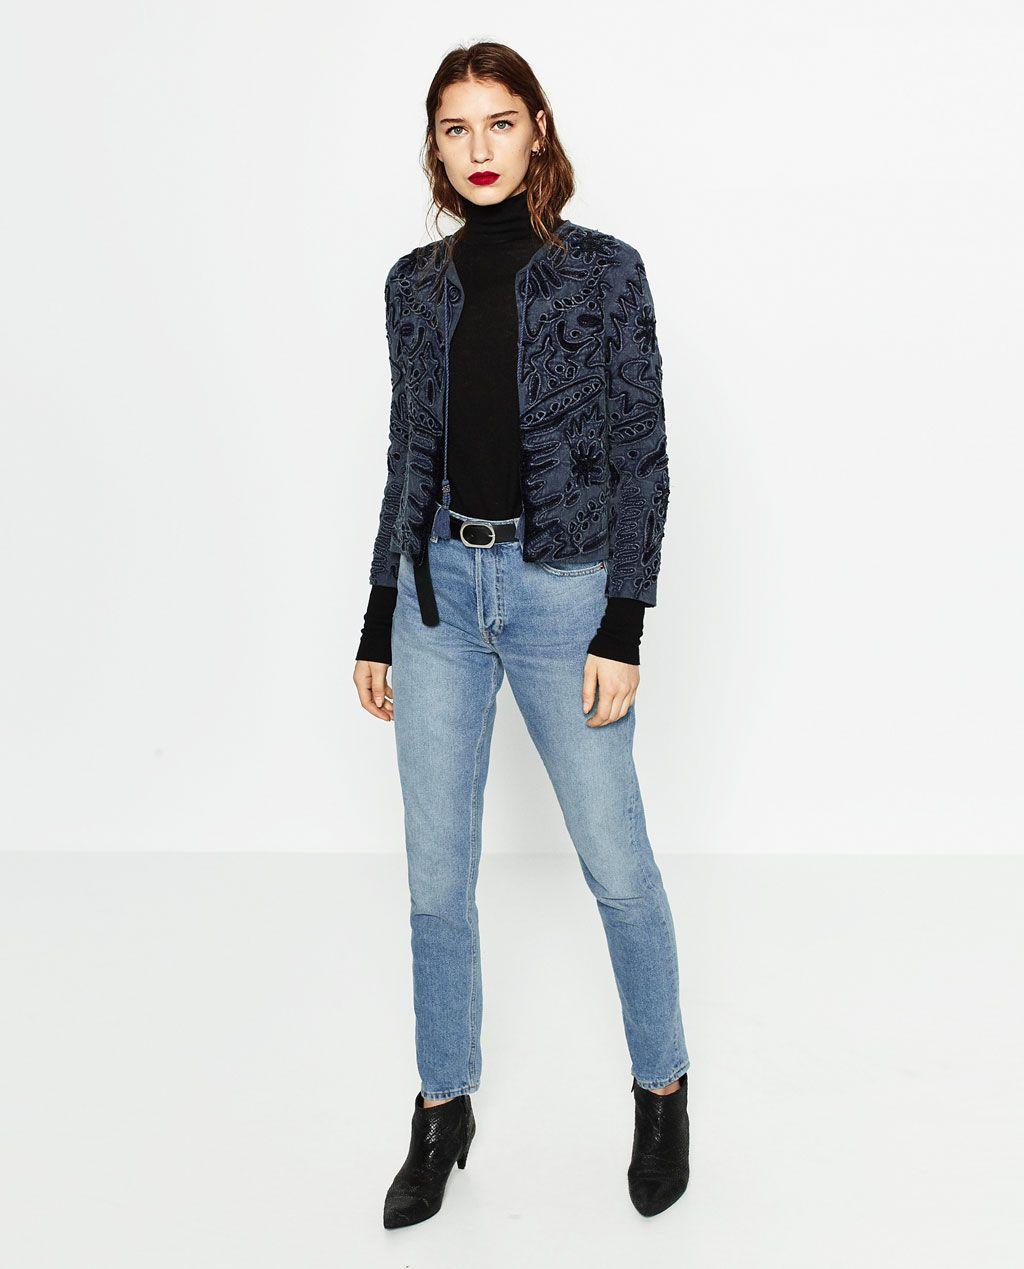 8409f96a50cc изображение 1 из ЖАКЕТ С ВЫШИВКОЙ от Zara Верхняя Одежда Для Женщин, Куртки  Бомбер,